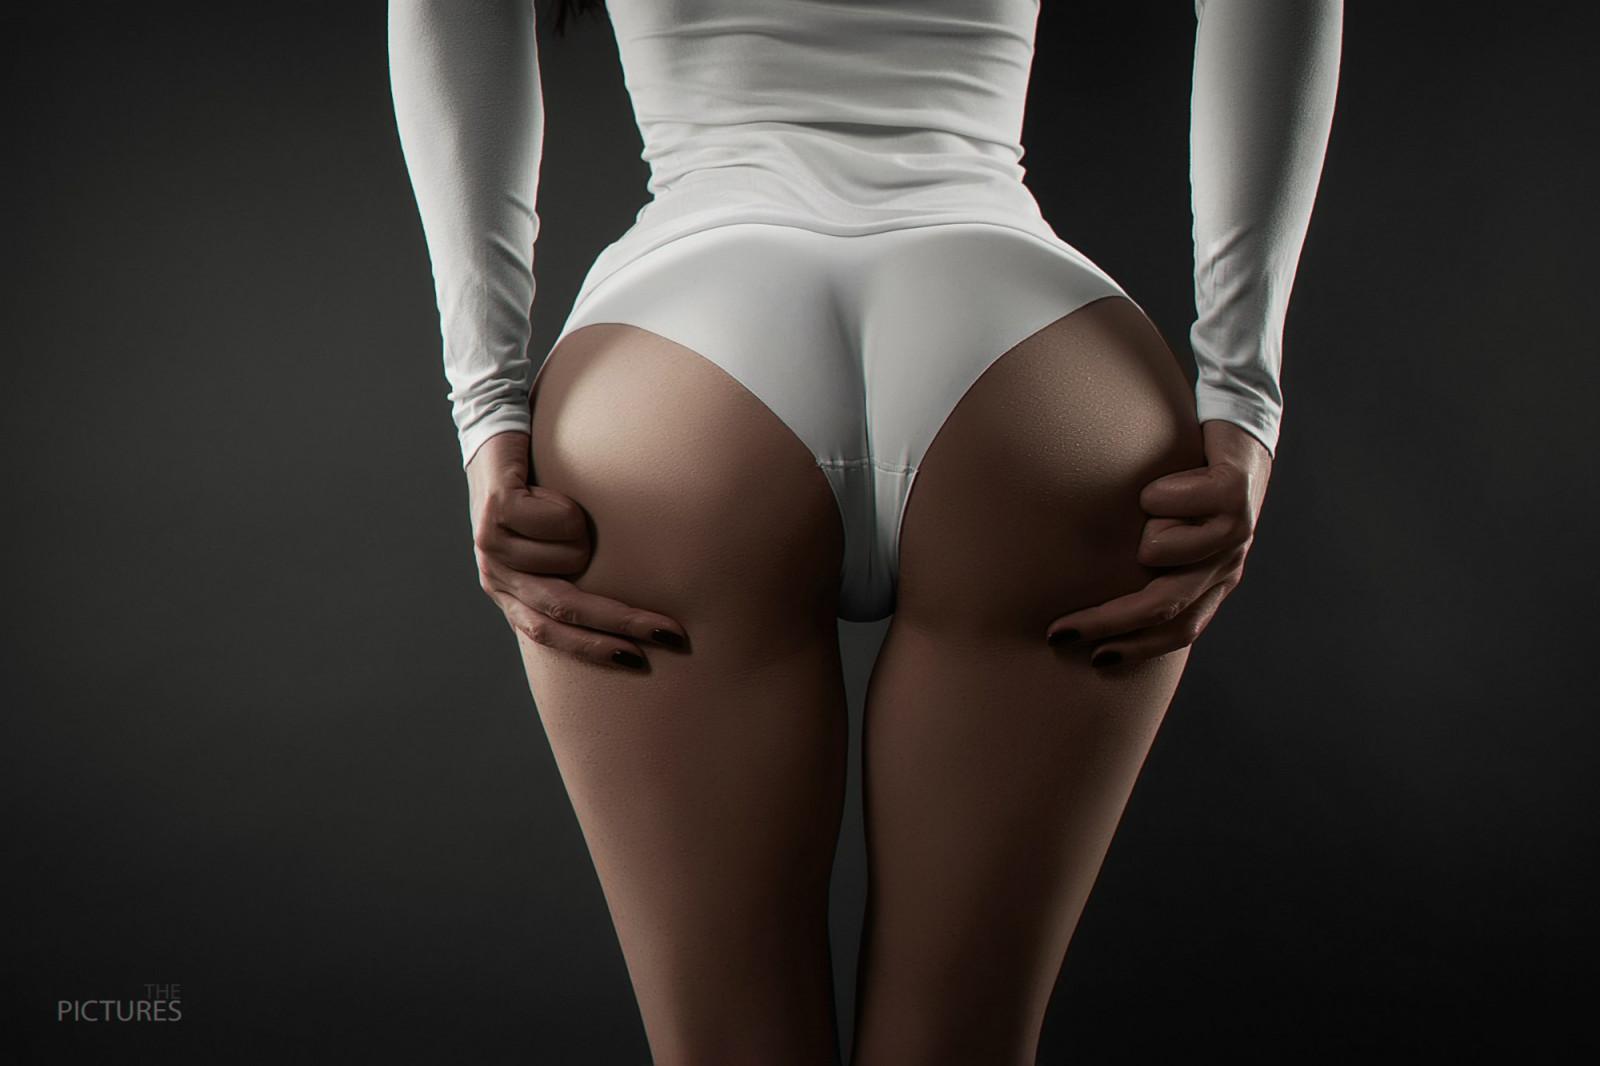 Фотогалерея женские попки, Красивые голые попки девушек и женщин. Фото 10 фотография